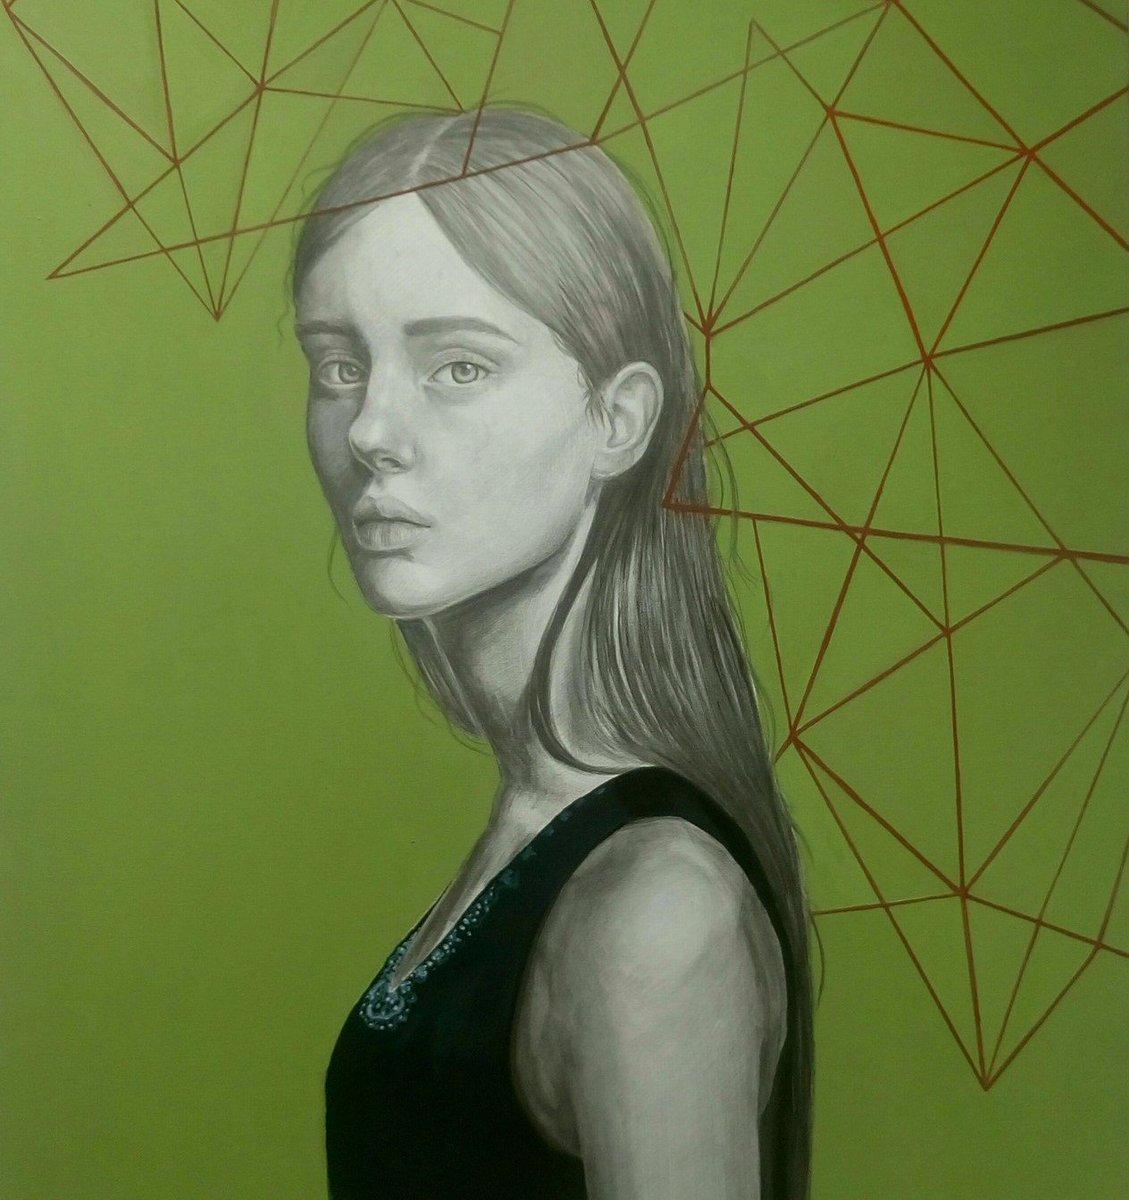 BASE için geri sayım (108 sanatçı 116 eser) ntv.com.tr/sanat/base-ici…